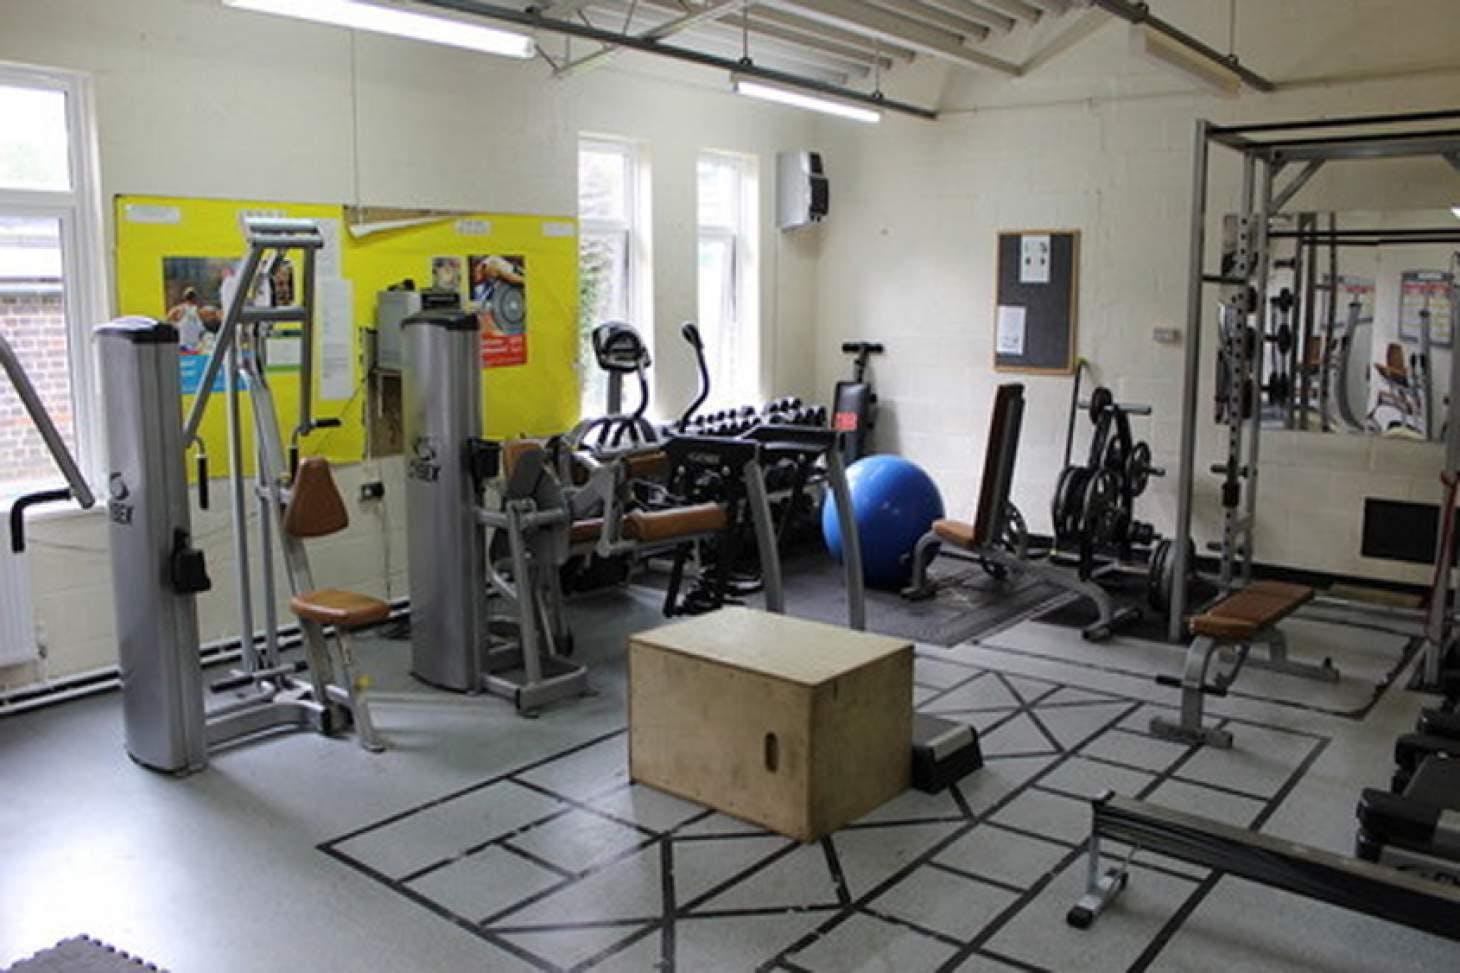 Ravens Wood School Indoor gym